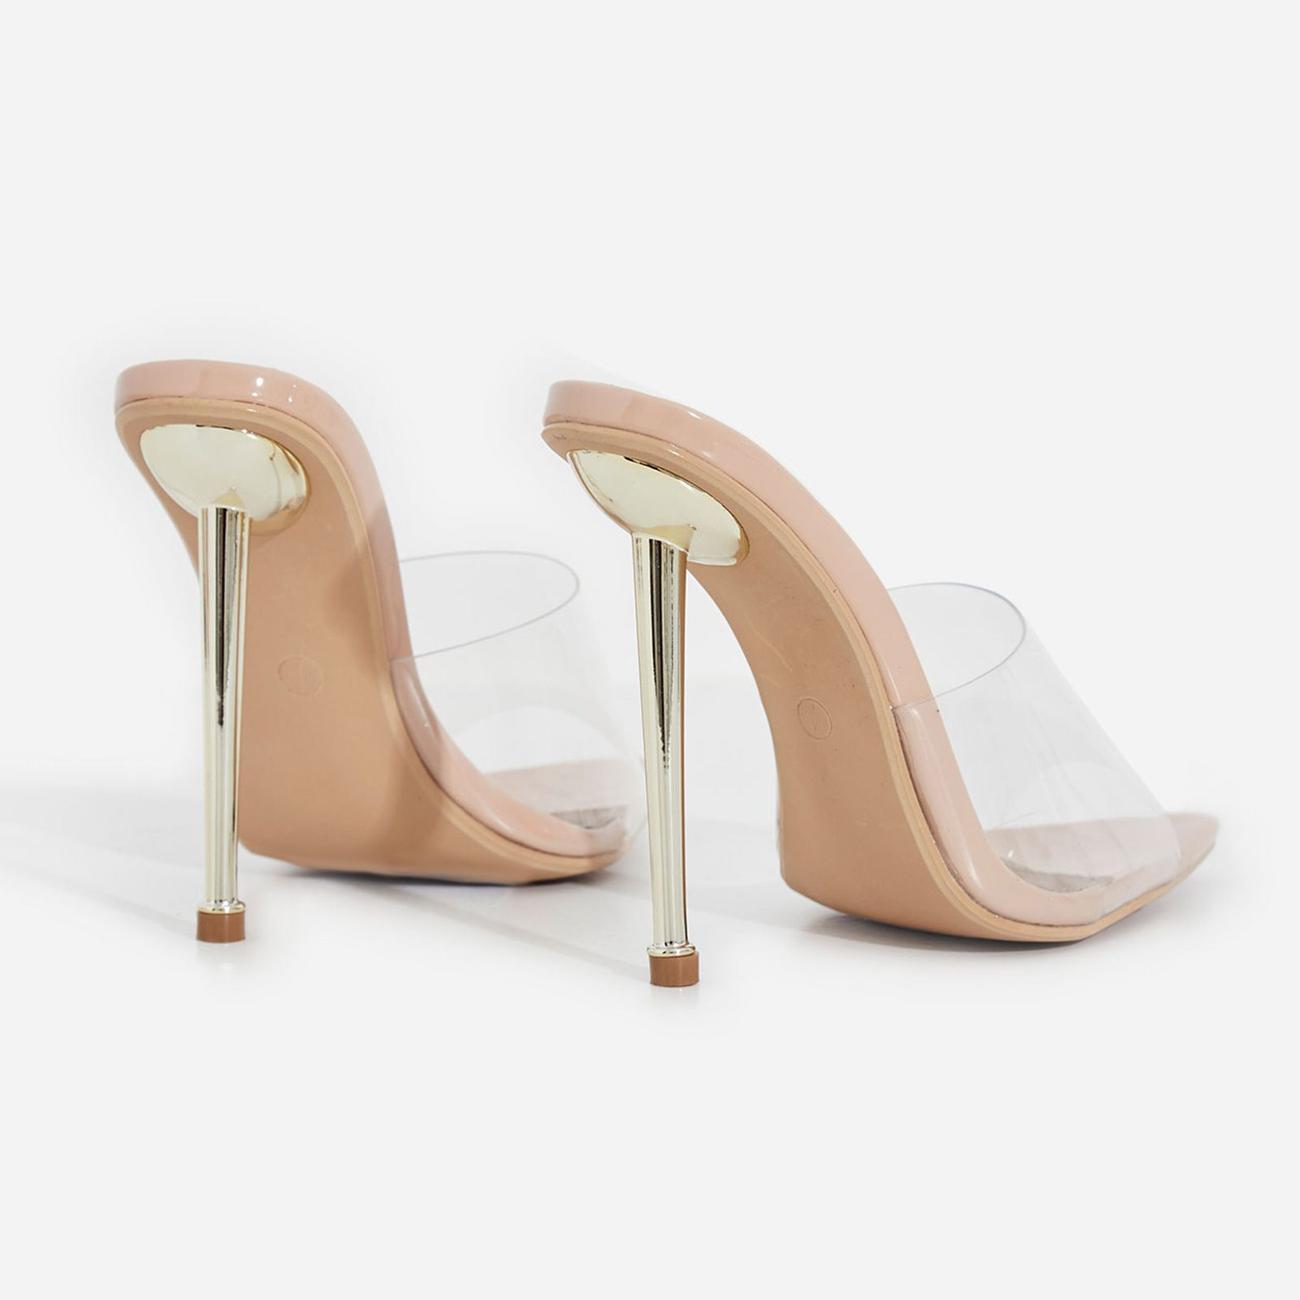 KingKing Clear Perspex Pointed Peep Toe Heel Mule In Nude Patent Image 4